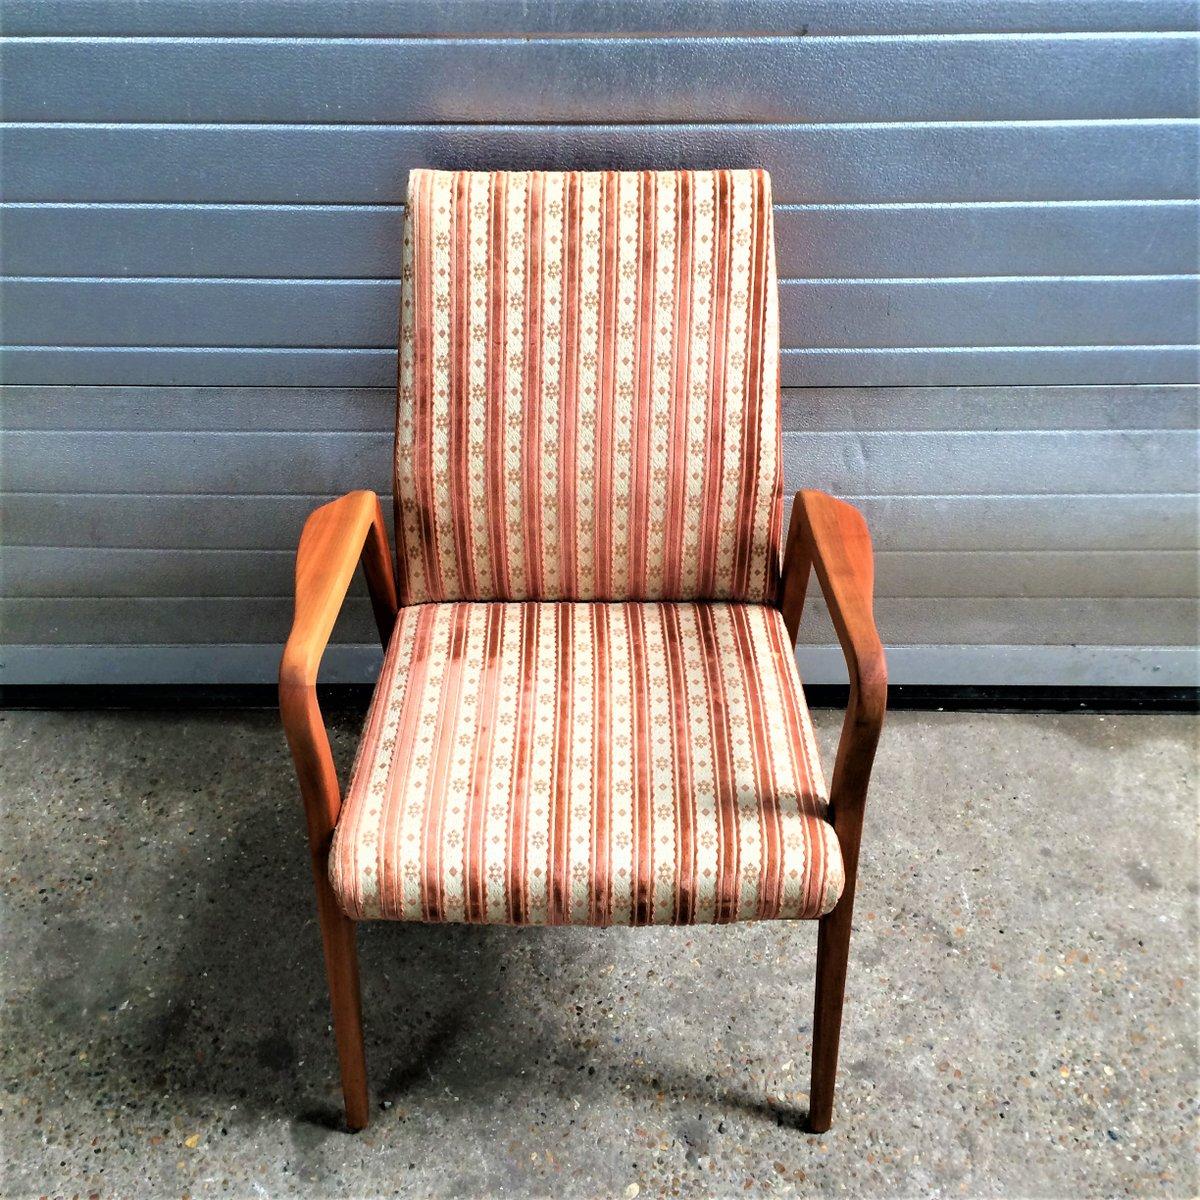 fauteuil scandinave vintage 1960s - Fauteuil Scandinave Vintage